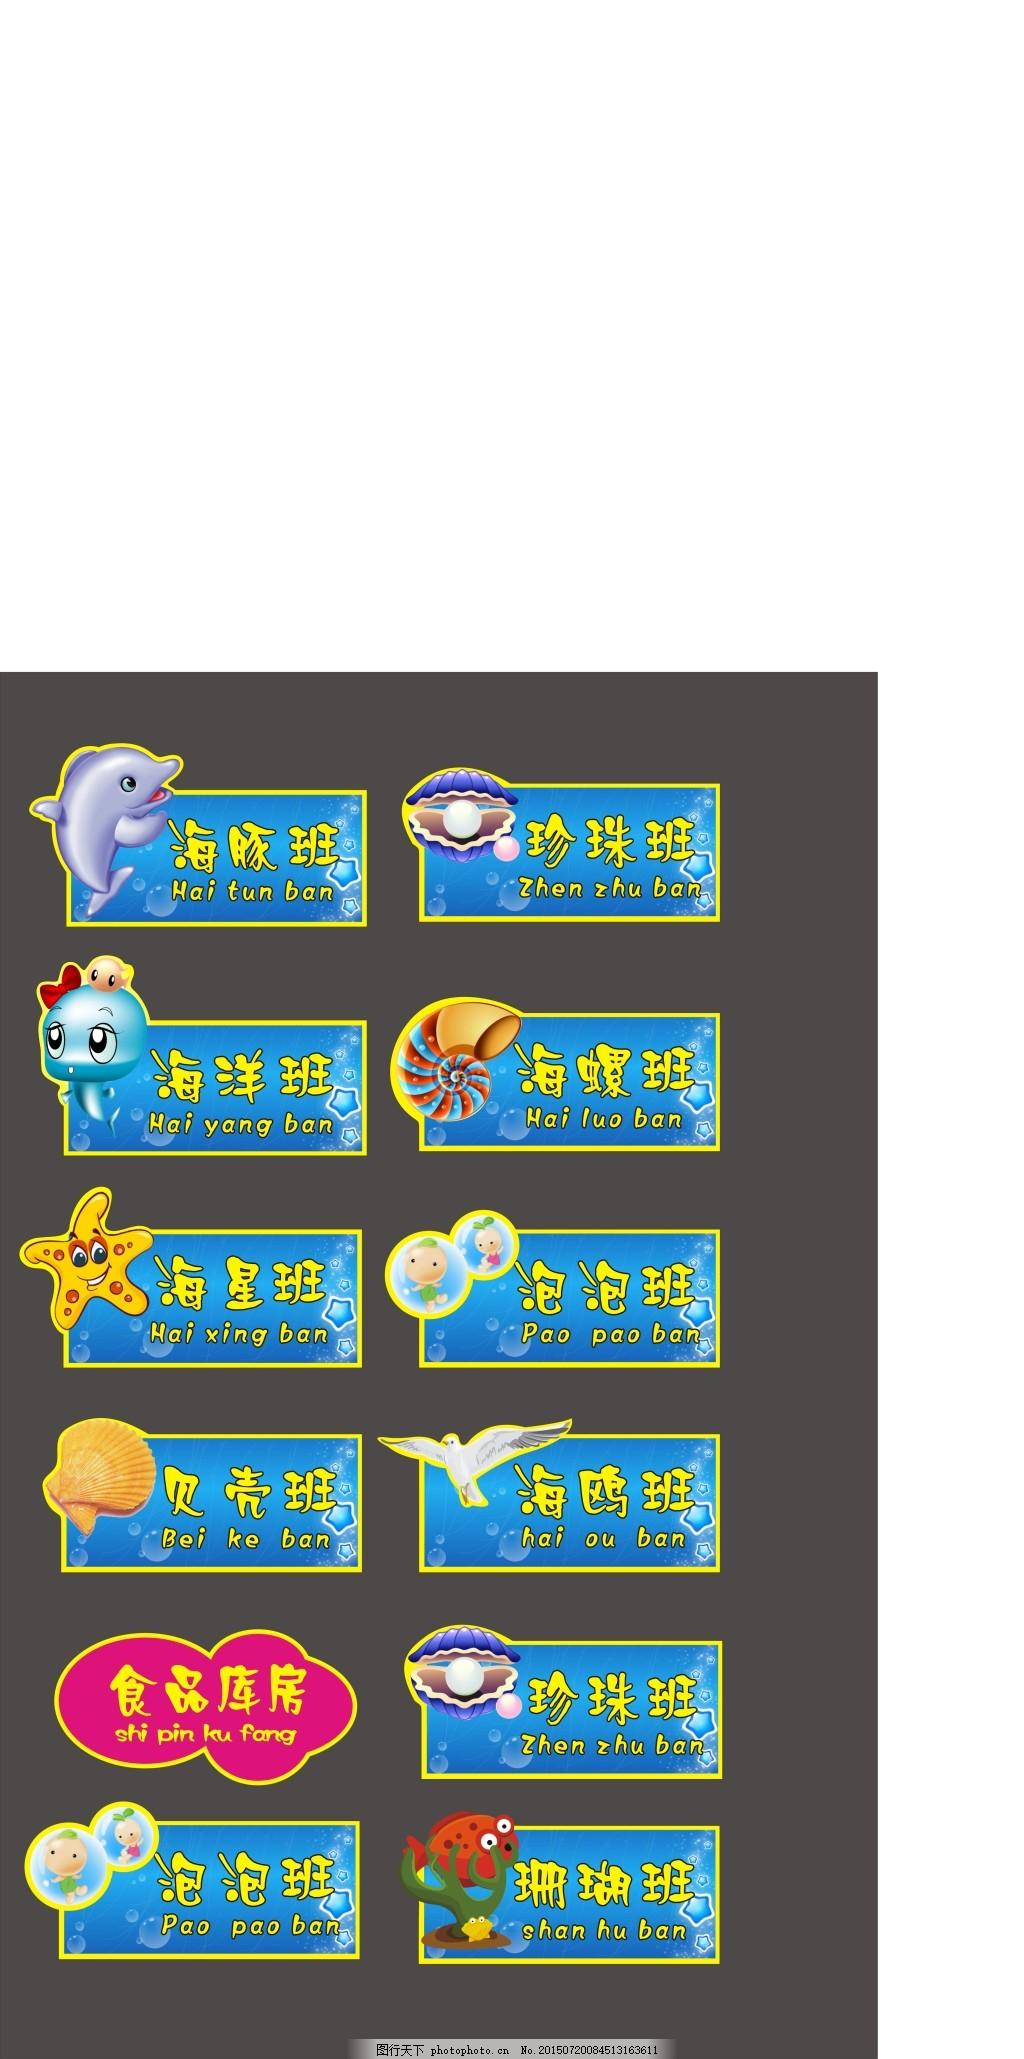 幼儿园班级牌 幼儿园 班级牌 蓝色背景 海豚 珍珠 海洋 海螺 海星